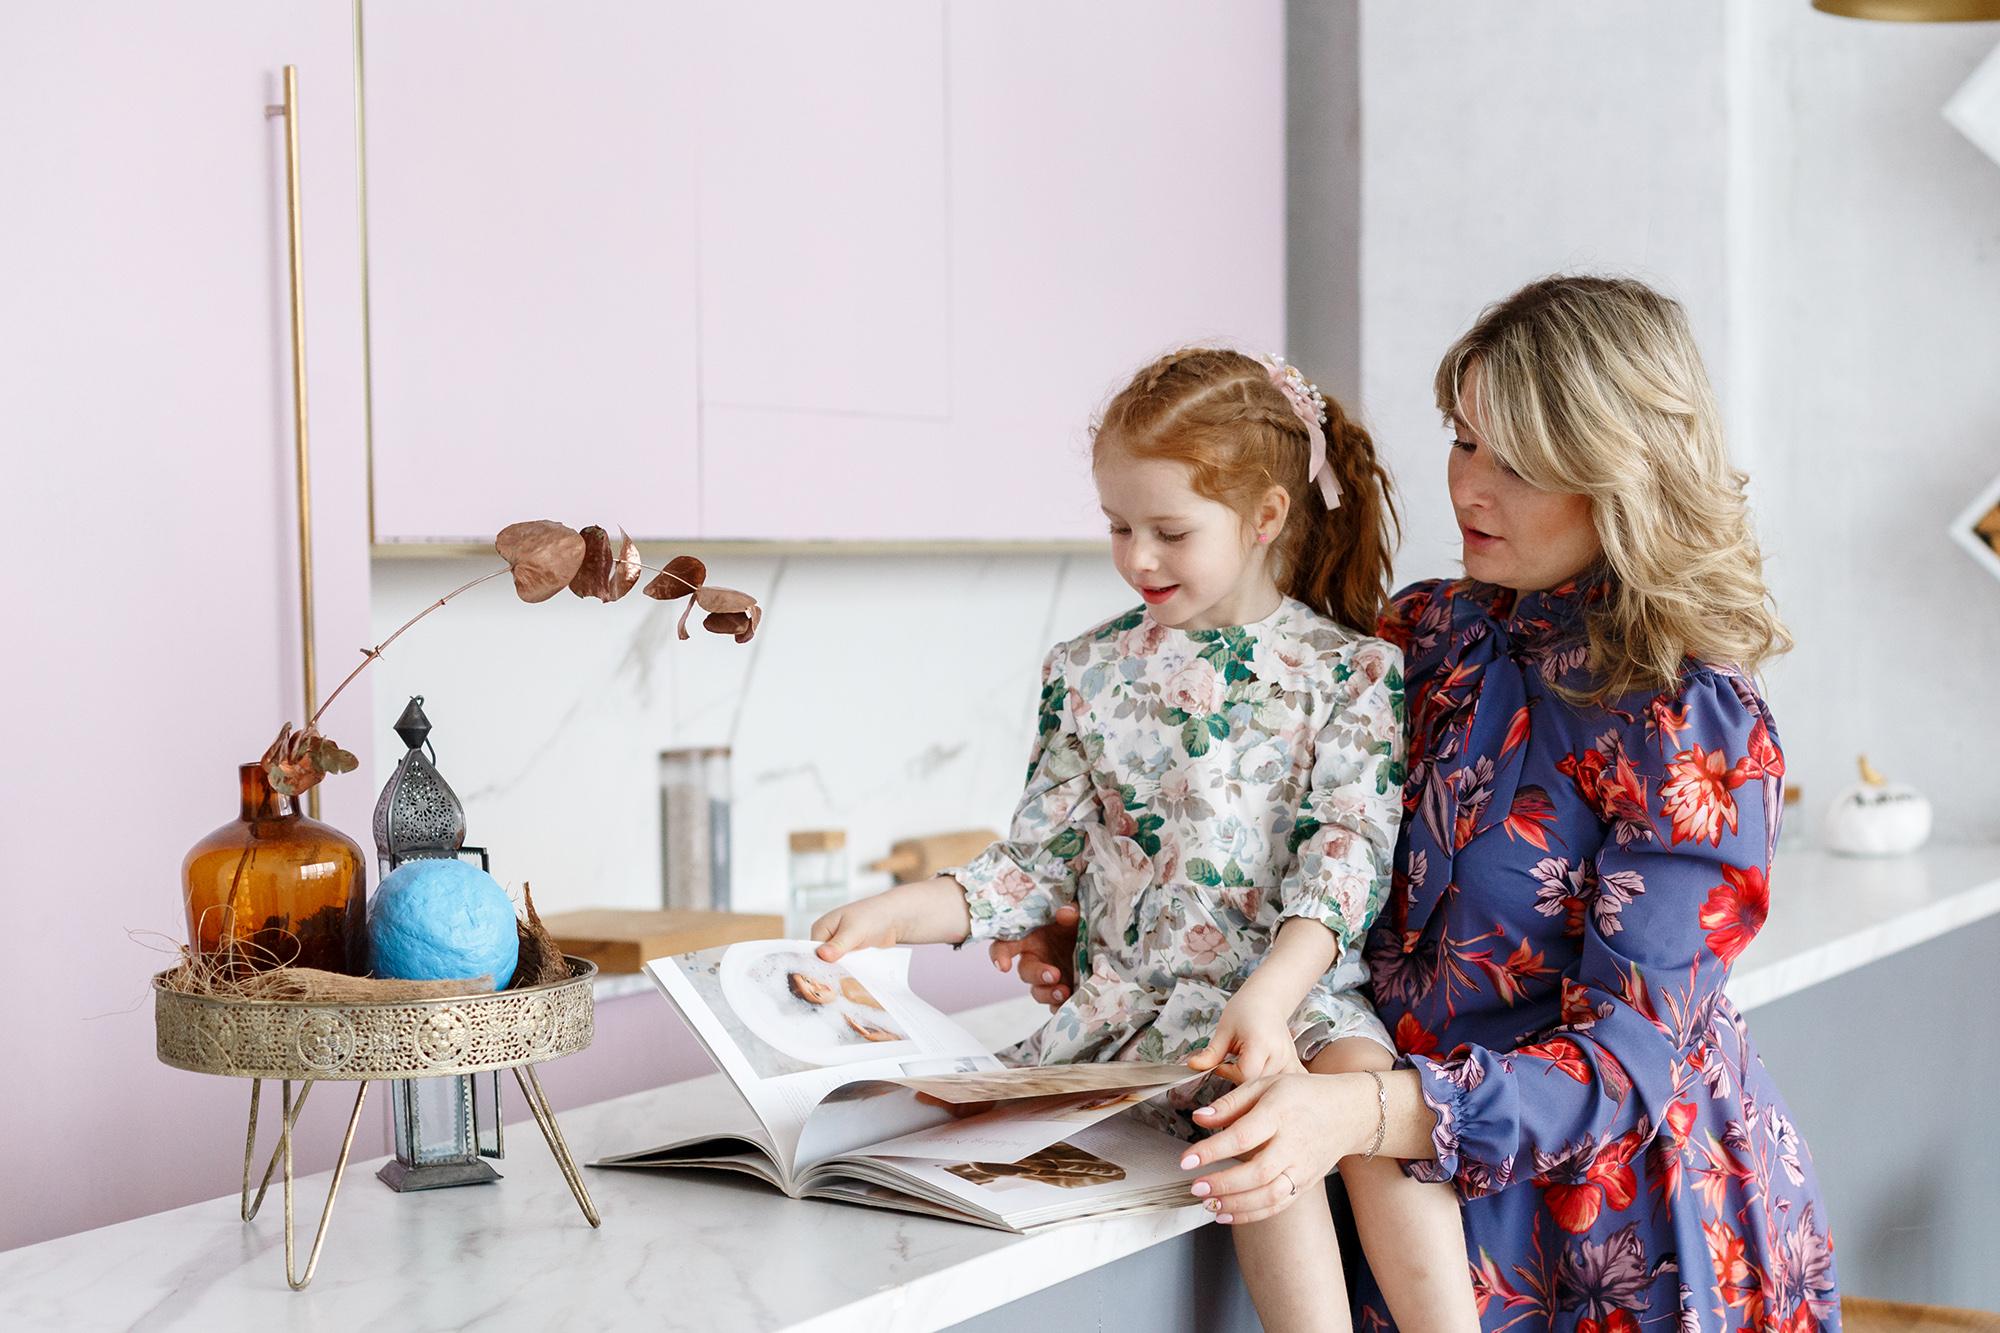 детская фотосессия в студии, мама с дочкой листают книгу, мама листает книгу